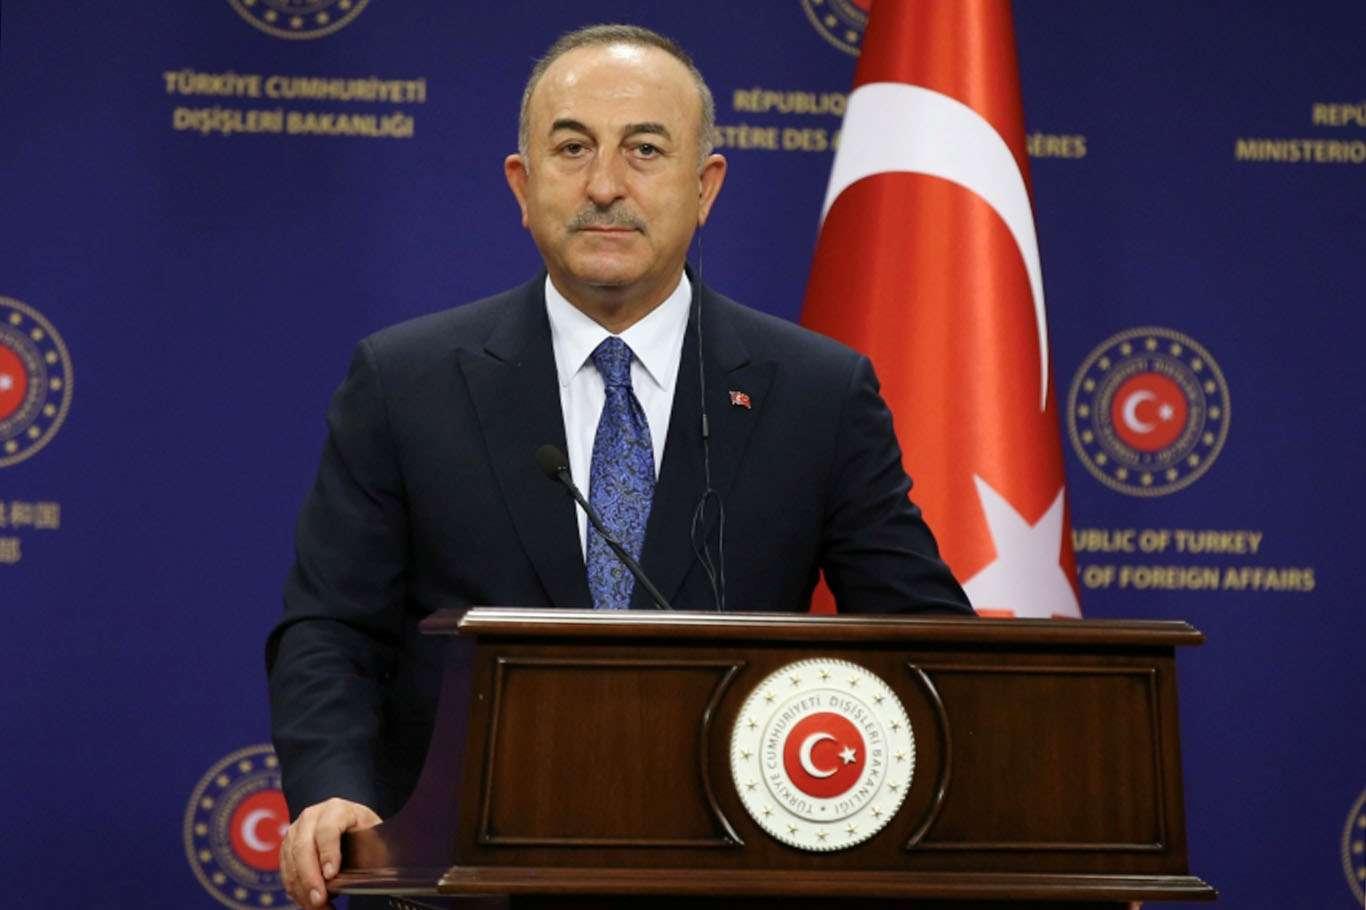 Dışişleri Bakanı Çavuşoğlu: Kabile gitmeyi düşünüyoruz